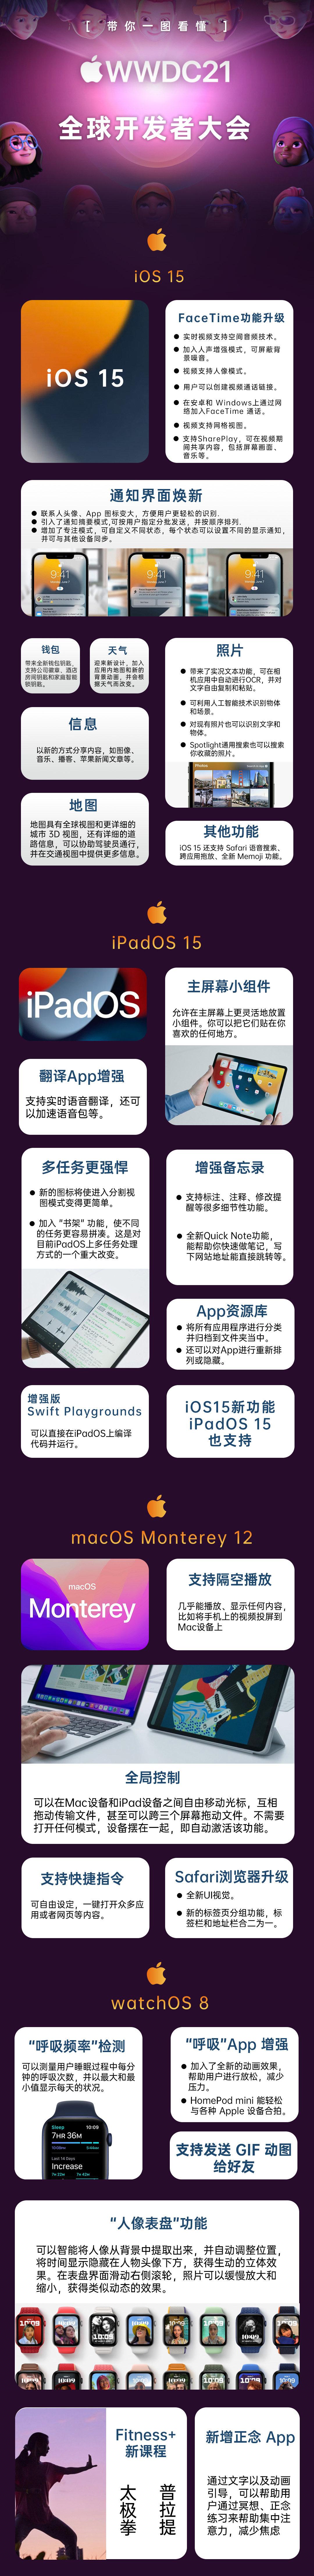 一图看透苹果 WWDC21 全球开发者大会